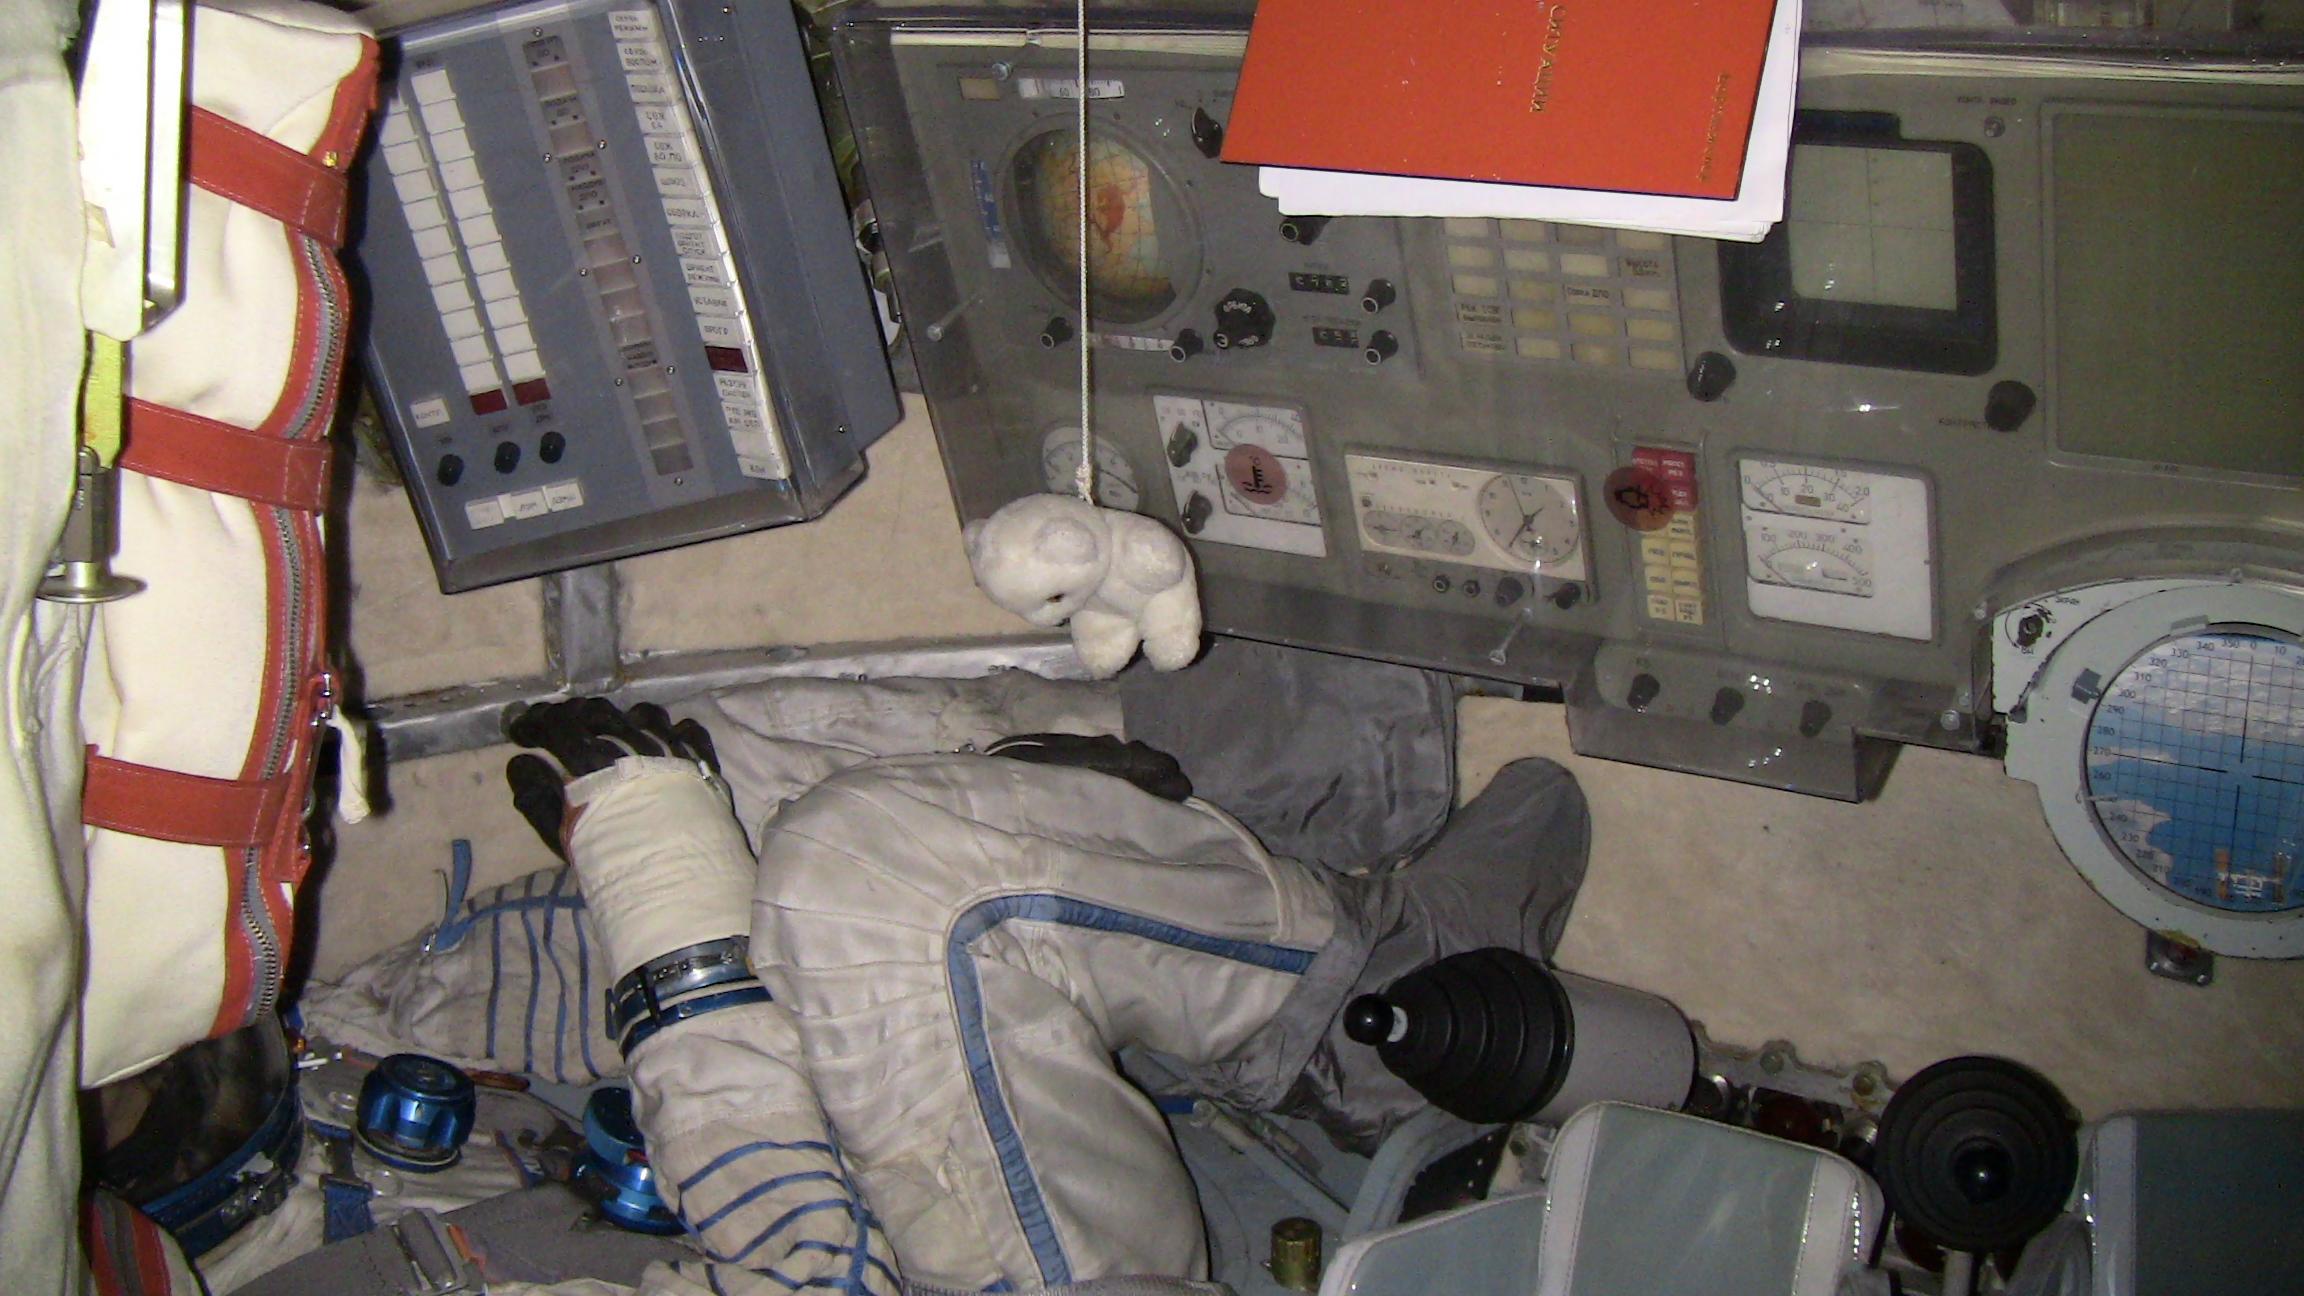 Cité de l'espace de Toulouse. Intérieur de la capsule Soyouz.